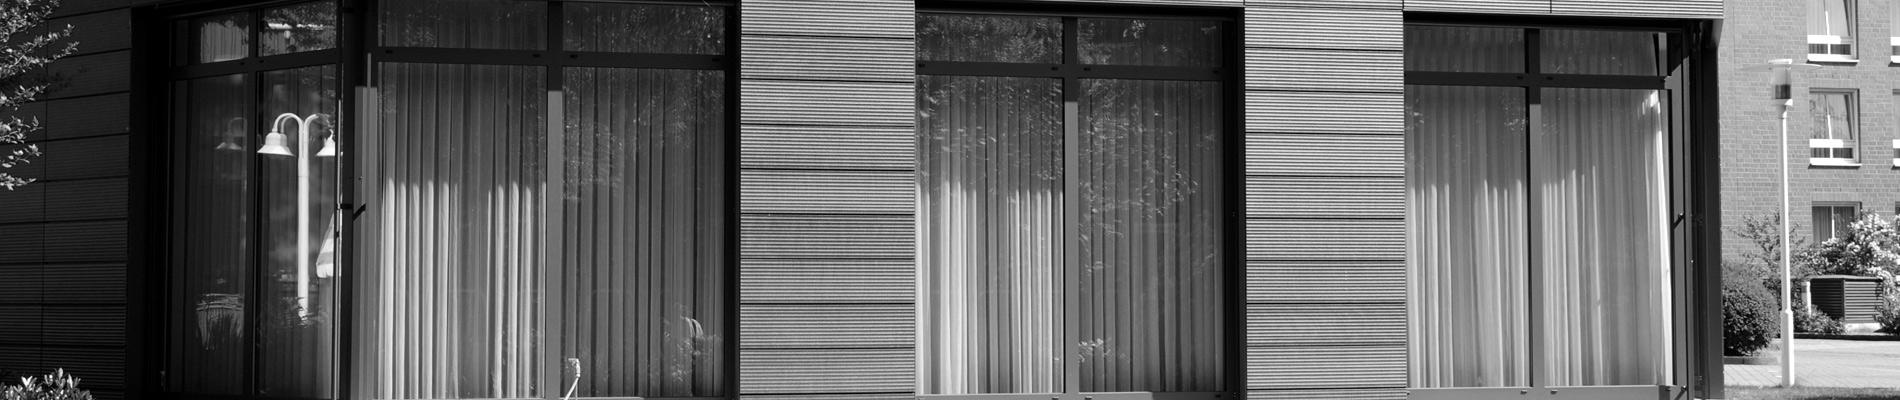 Metallbau Besemann | Stahlbau Ascheberg-Herbern - Fenster